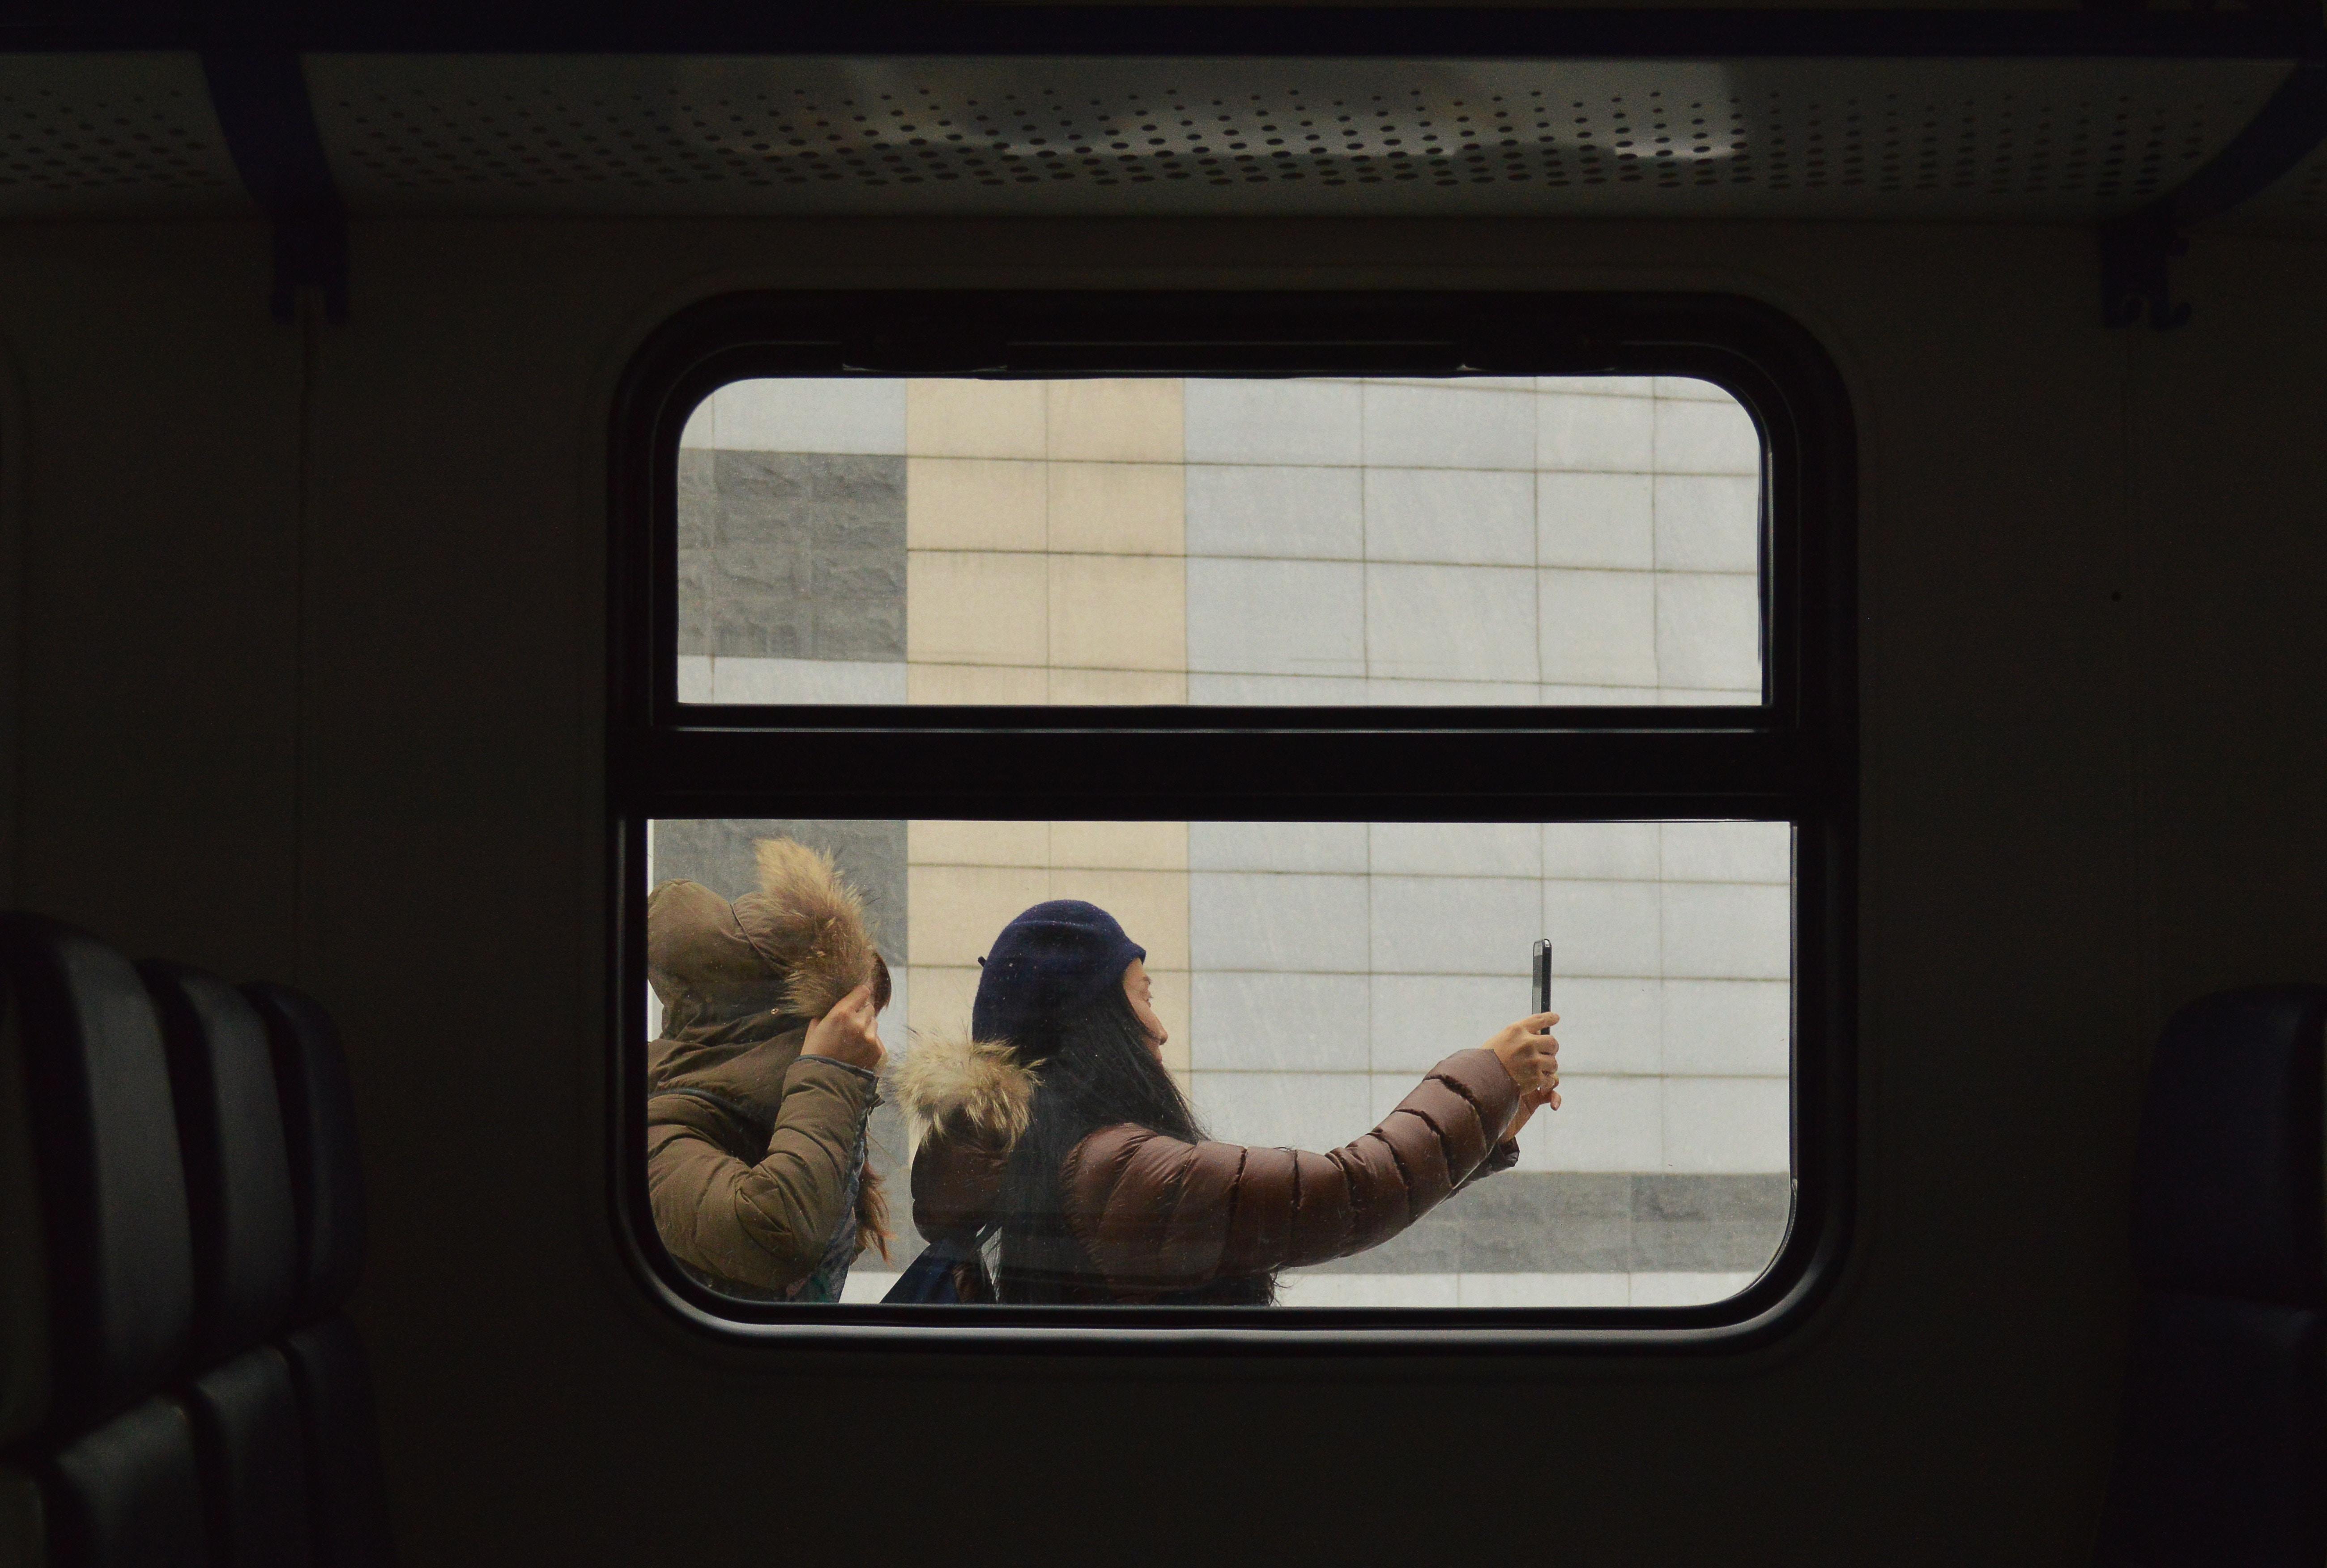 woman on train platform taking selfie